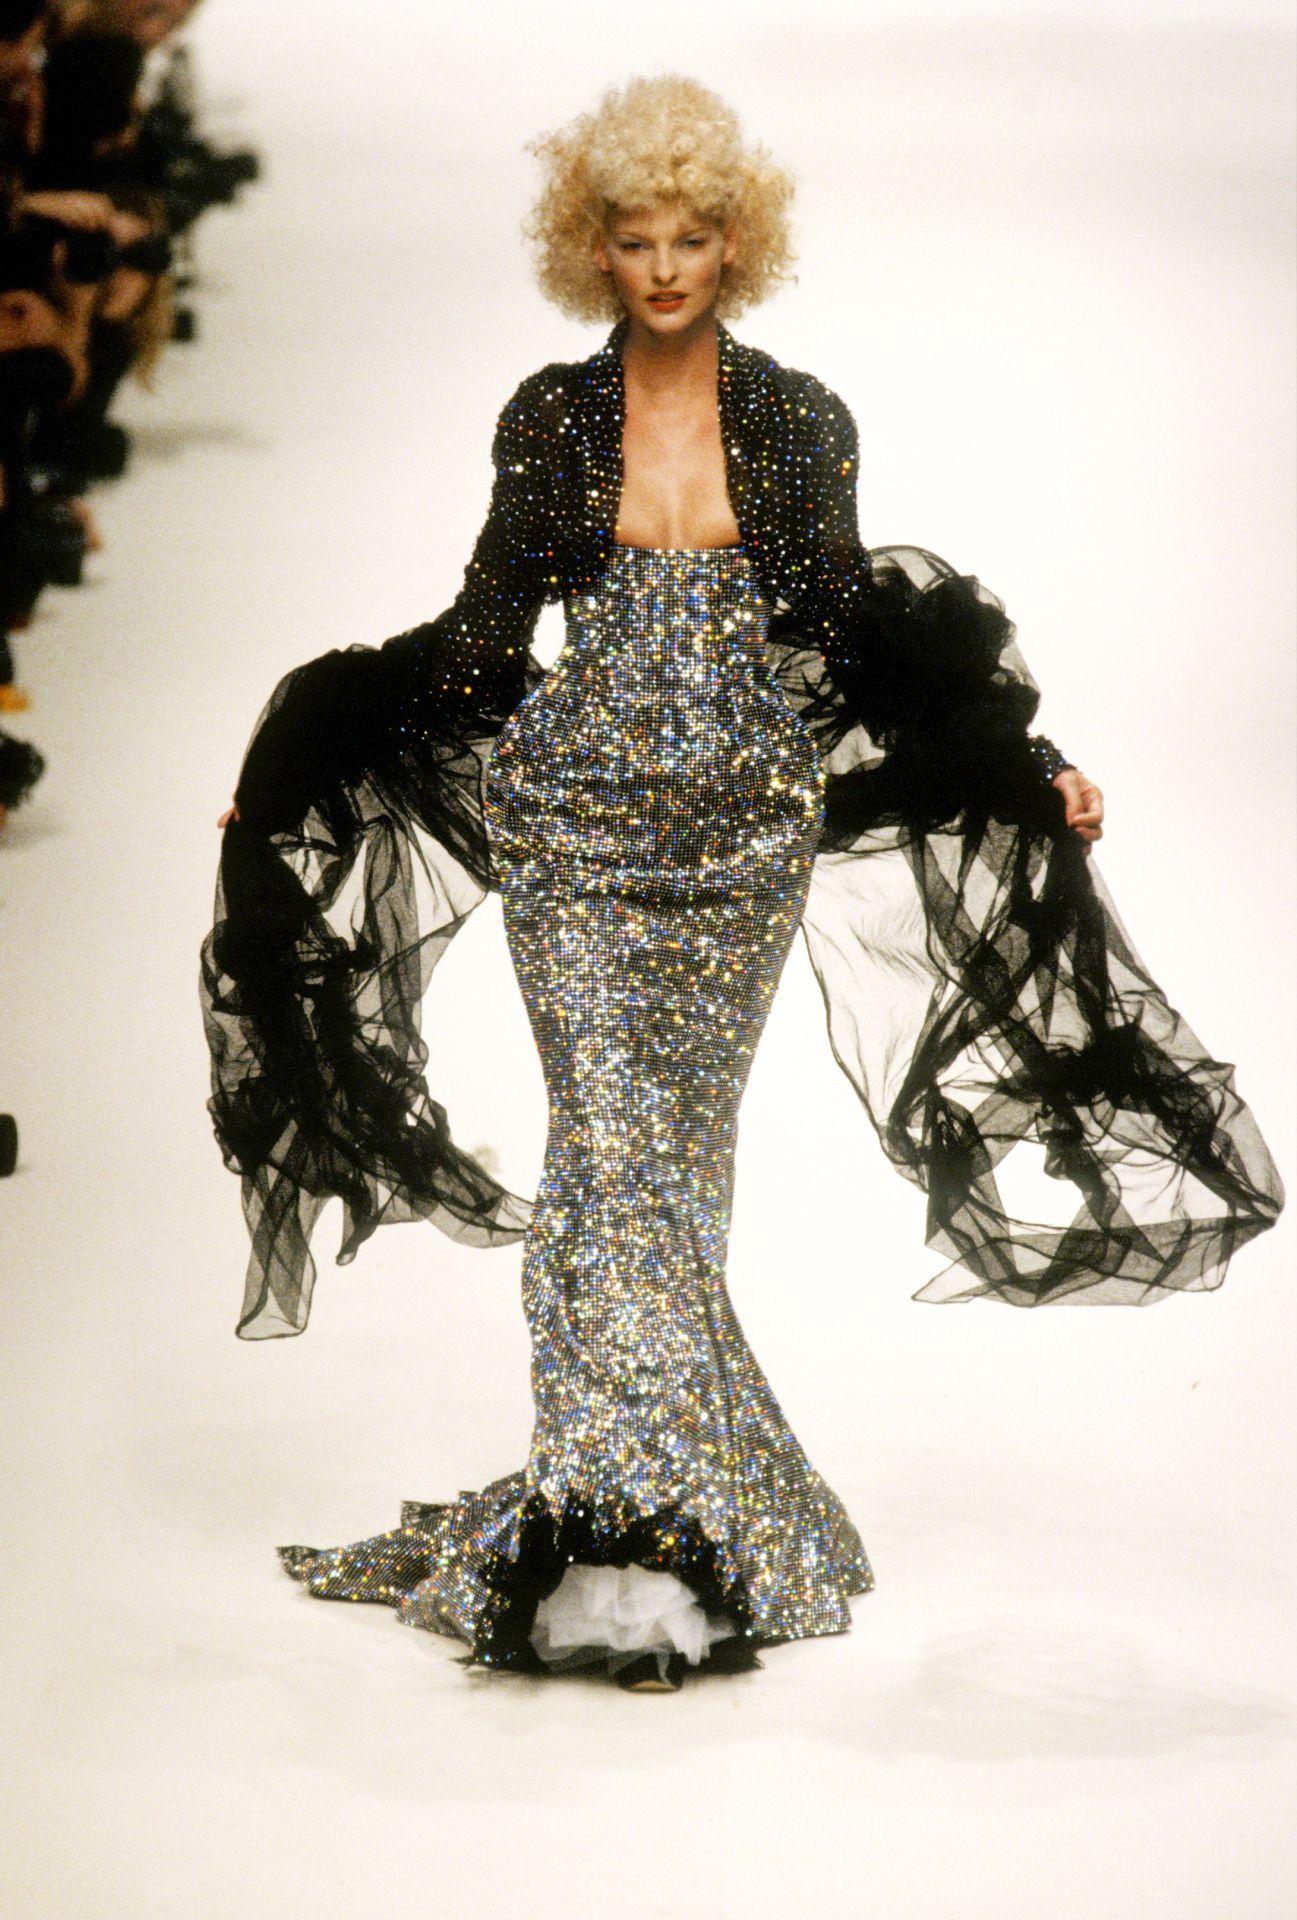 Linda Evangelista Vivienne Westwood divatbemutatóján 1994-ben.